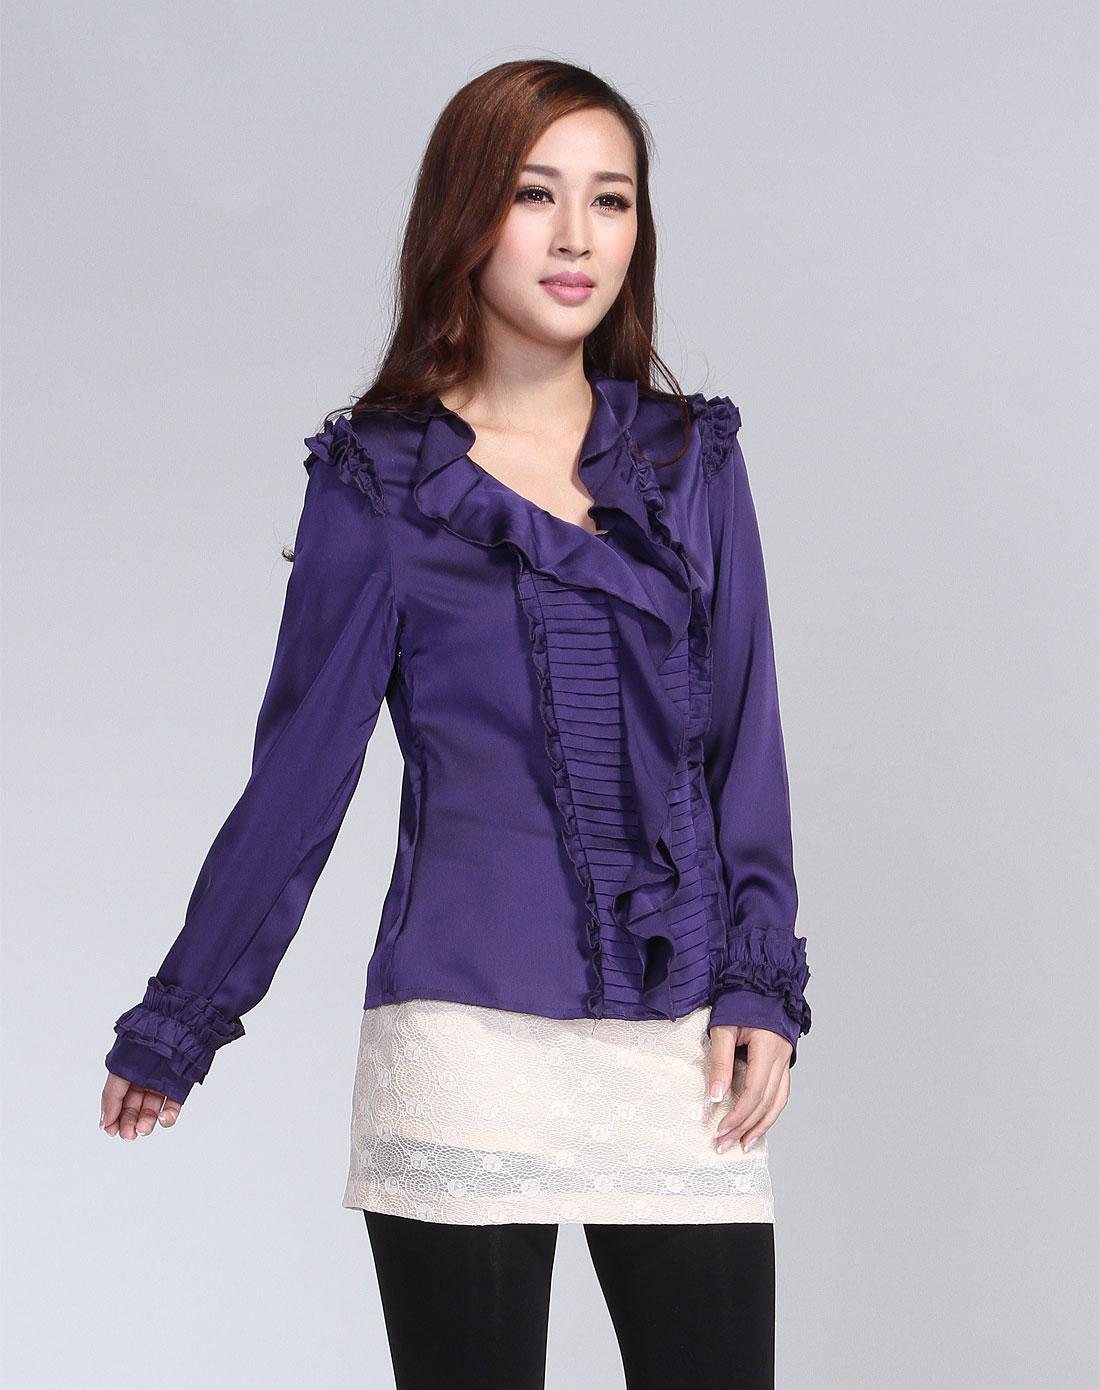 紫色荷叶花边长袖衬衫